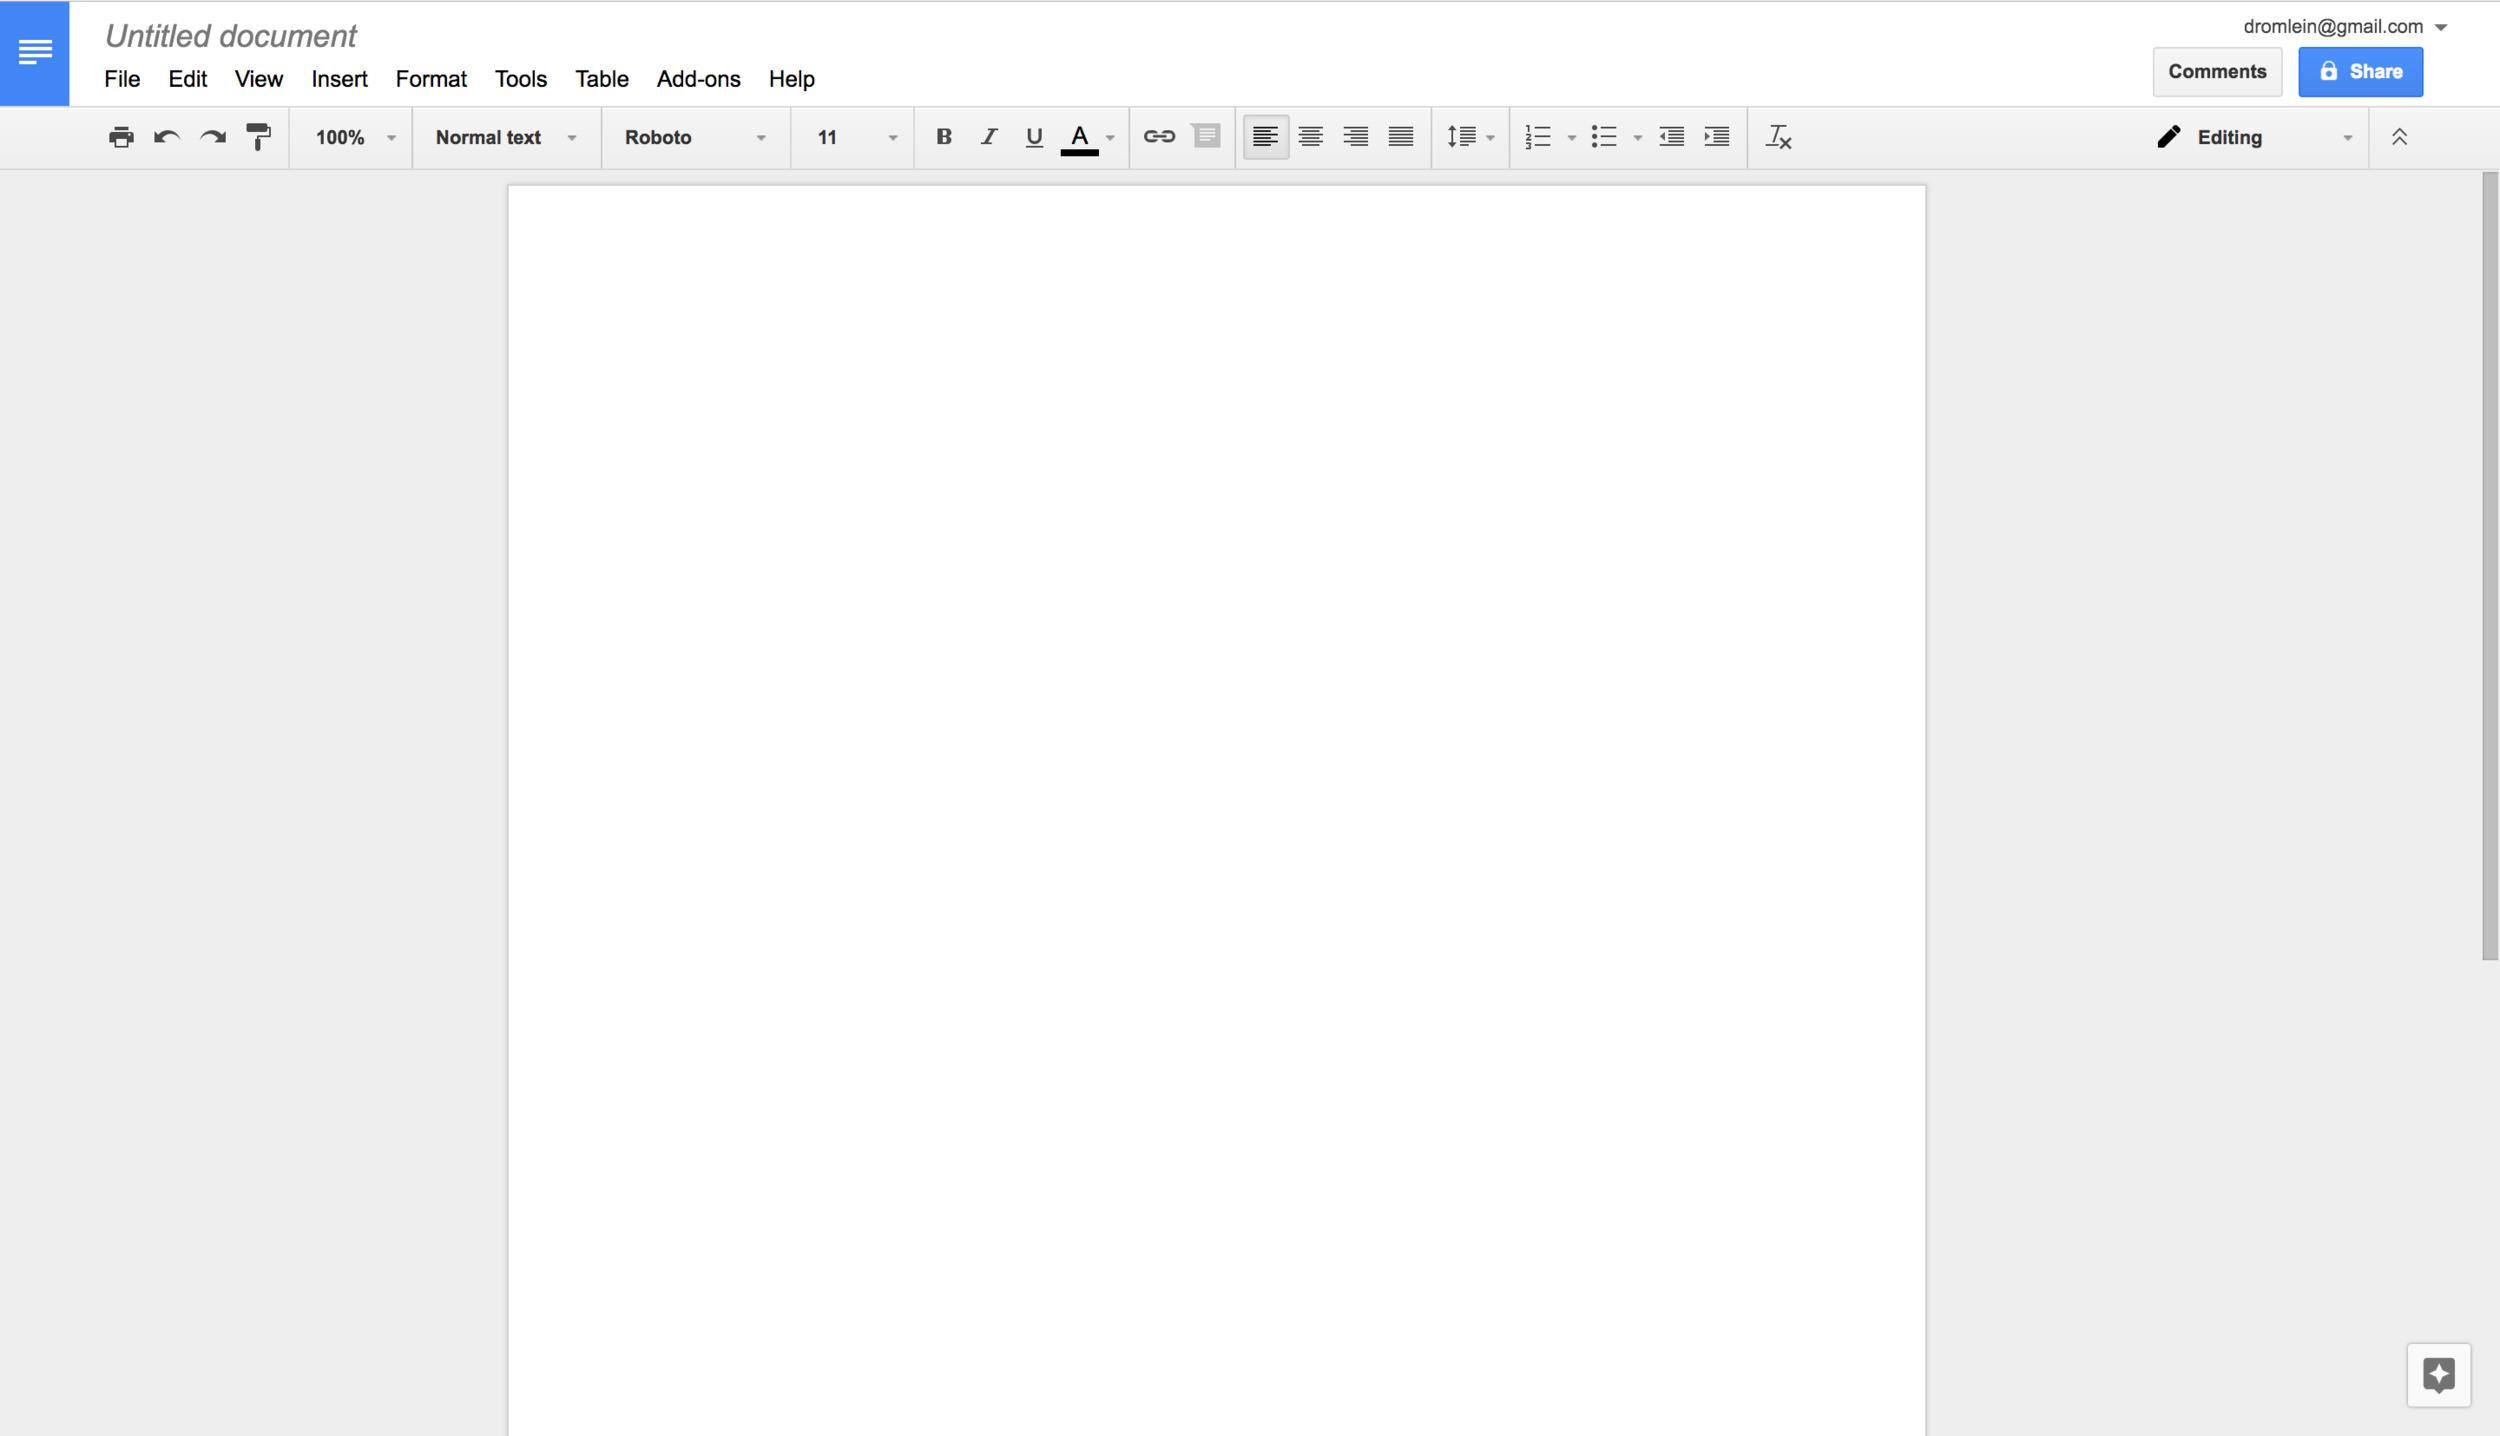 Ahh, the blank canvas.